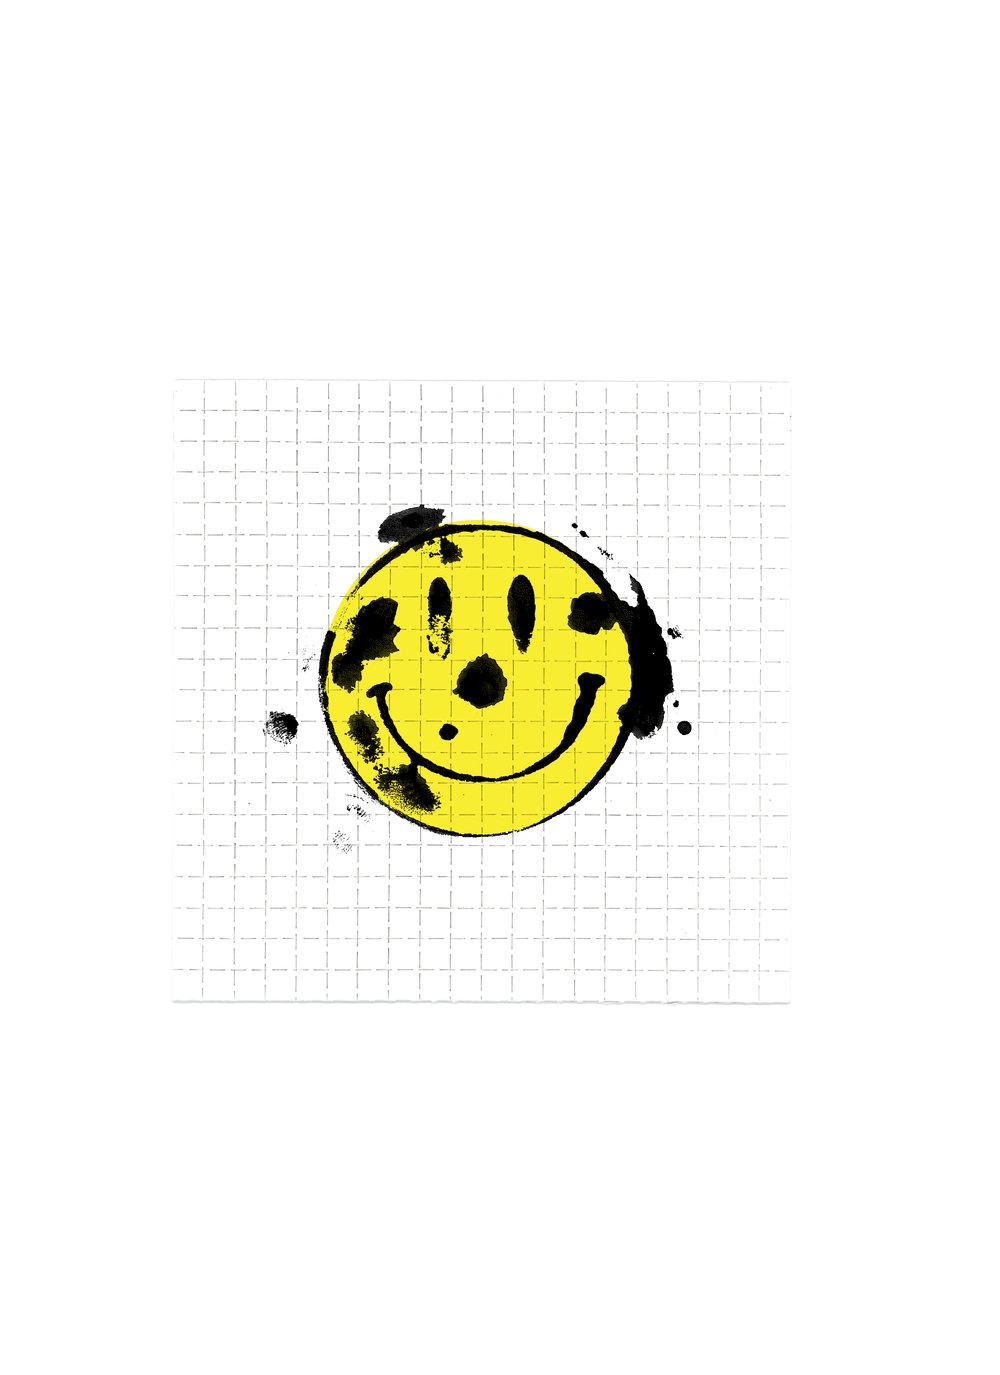 ACID_SMILE_03.jpg